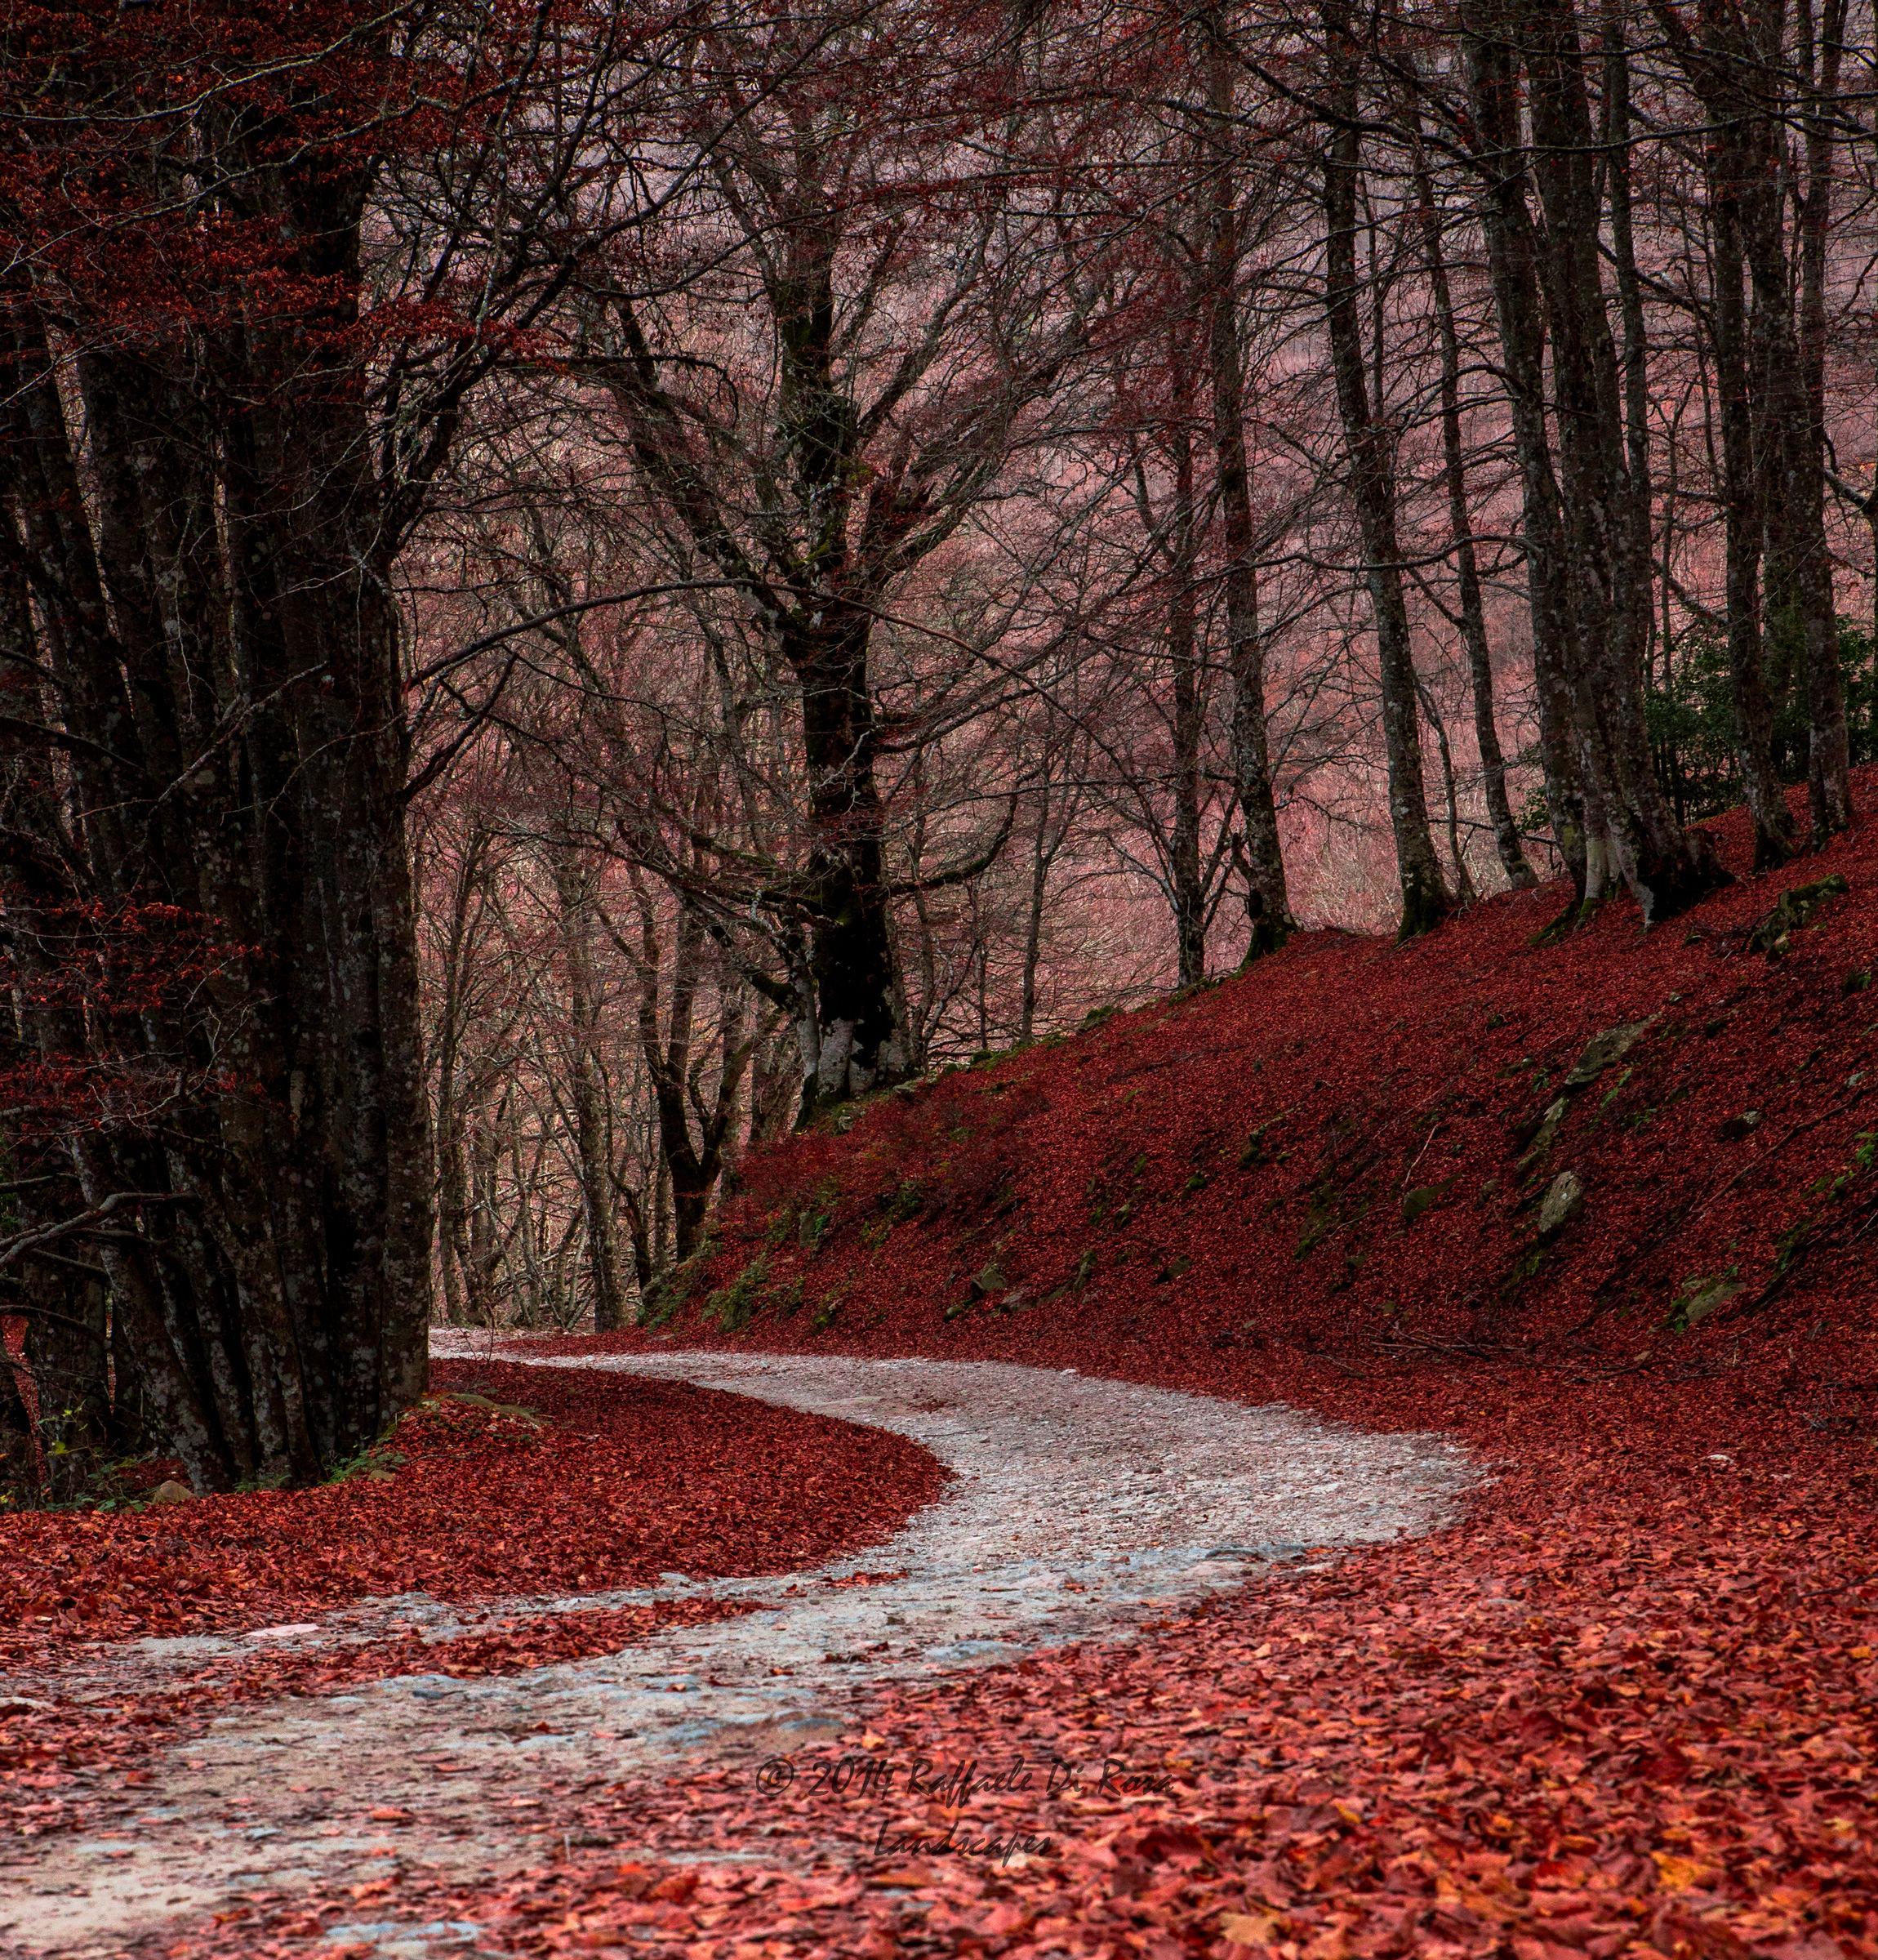 Il sentiero verso il bosco...